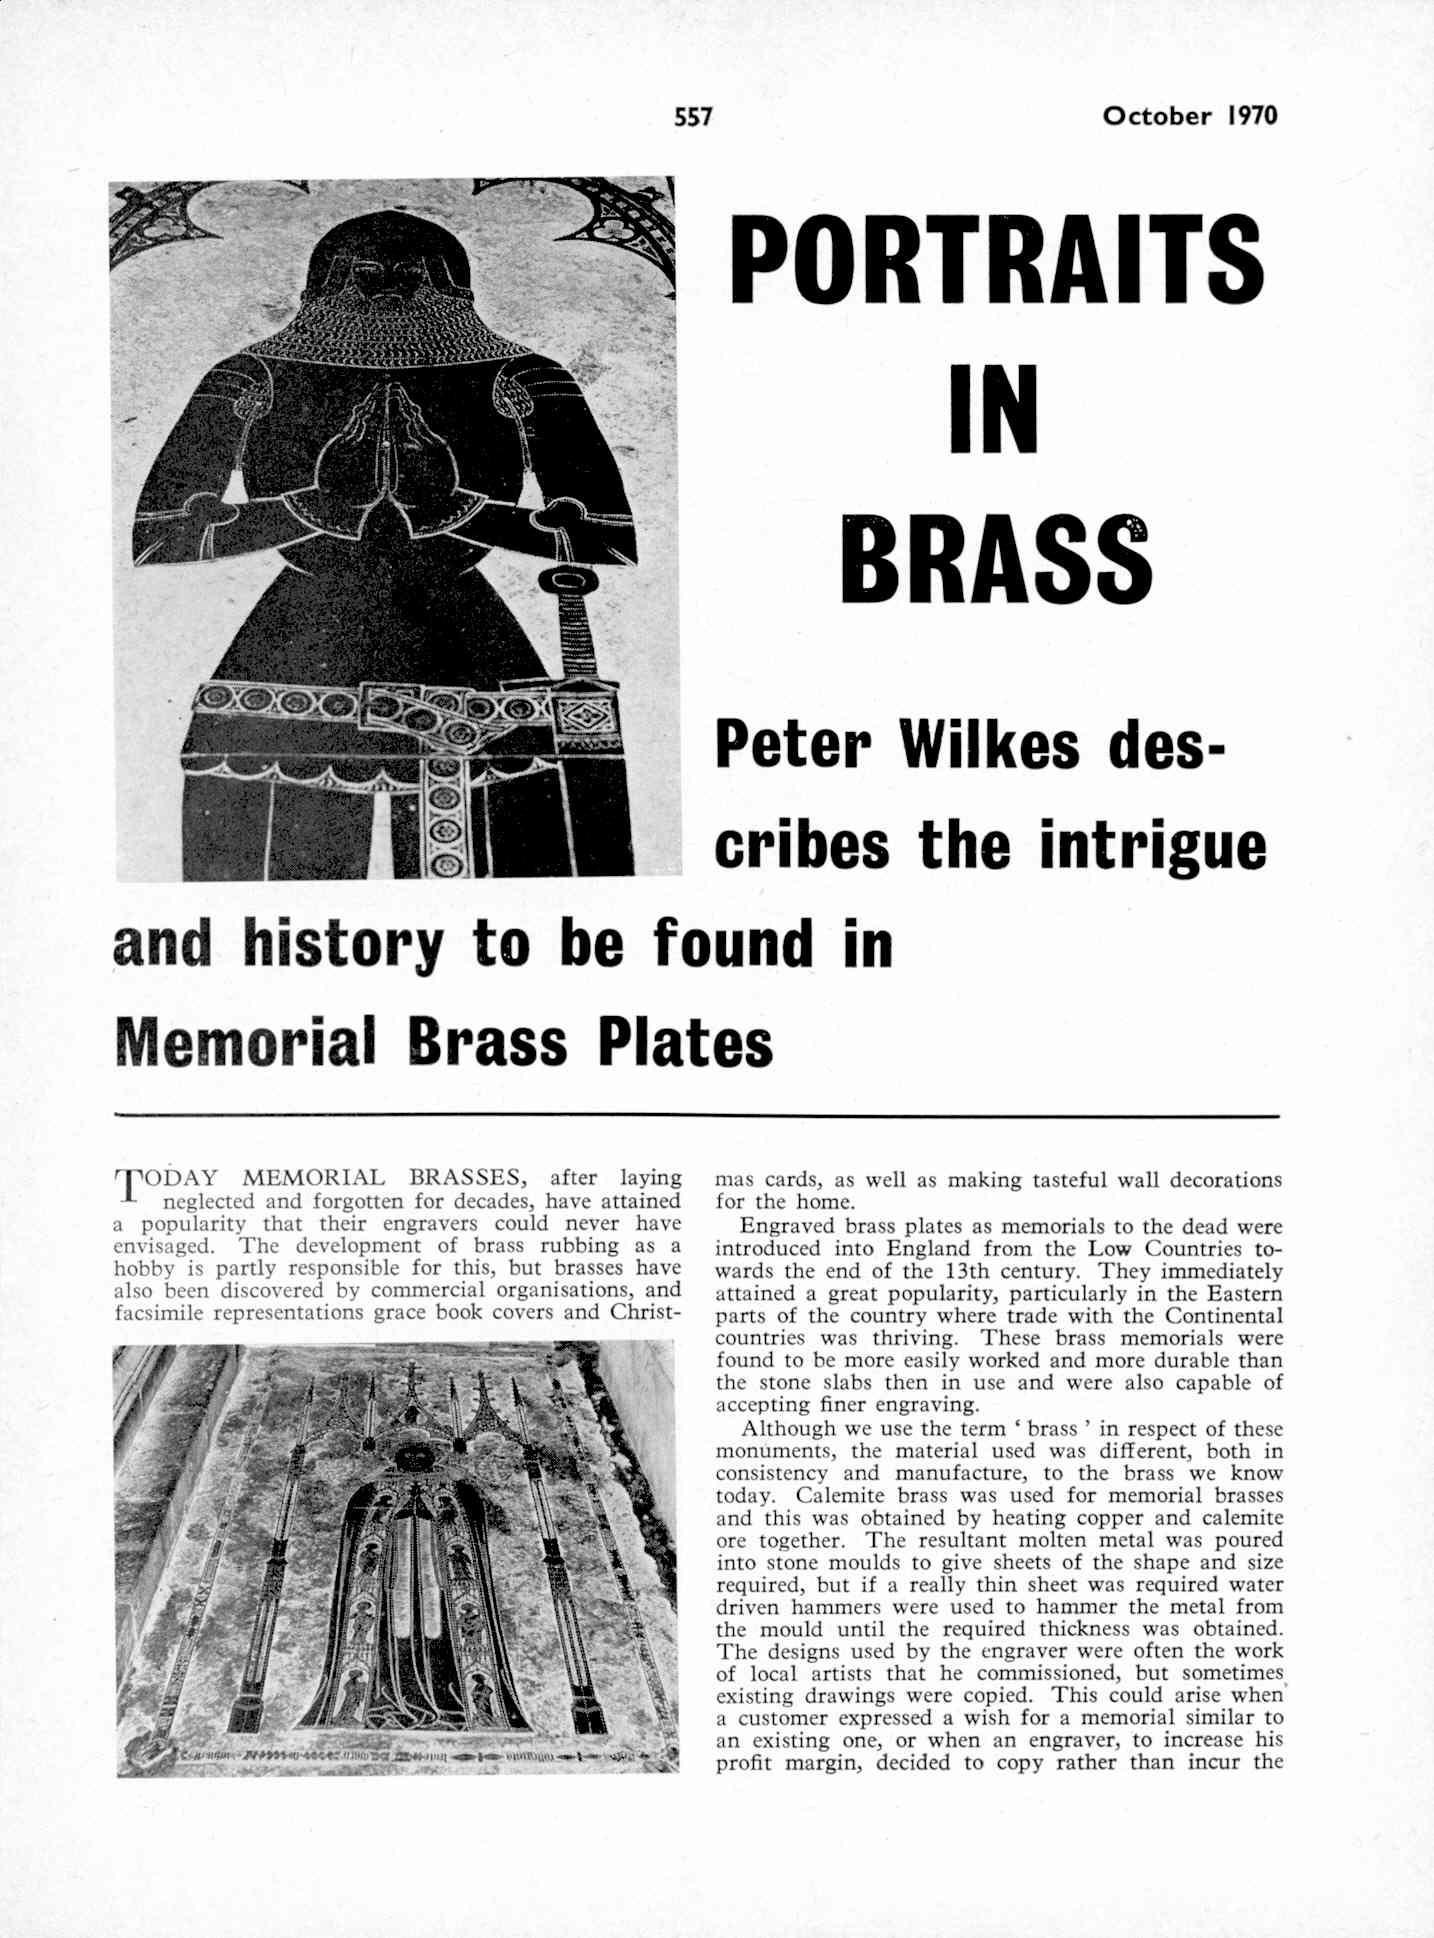 UK Meccano Magazine October 1970 Page 557